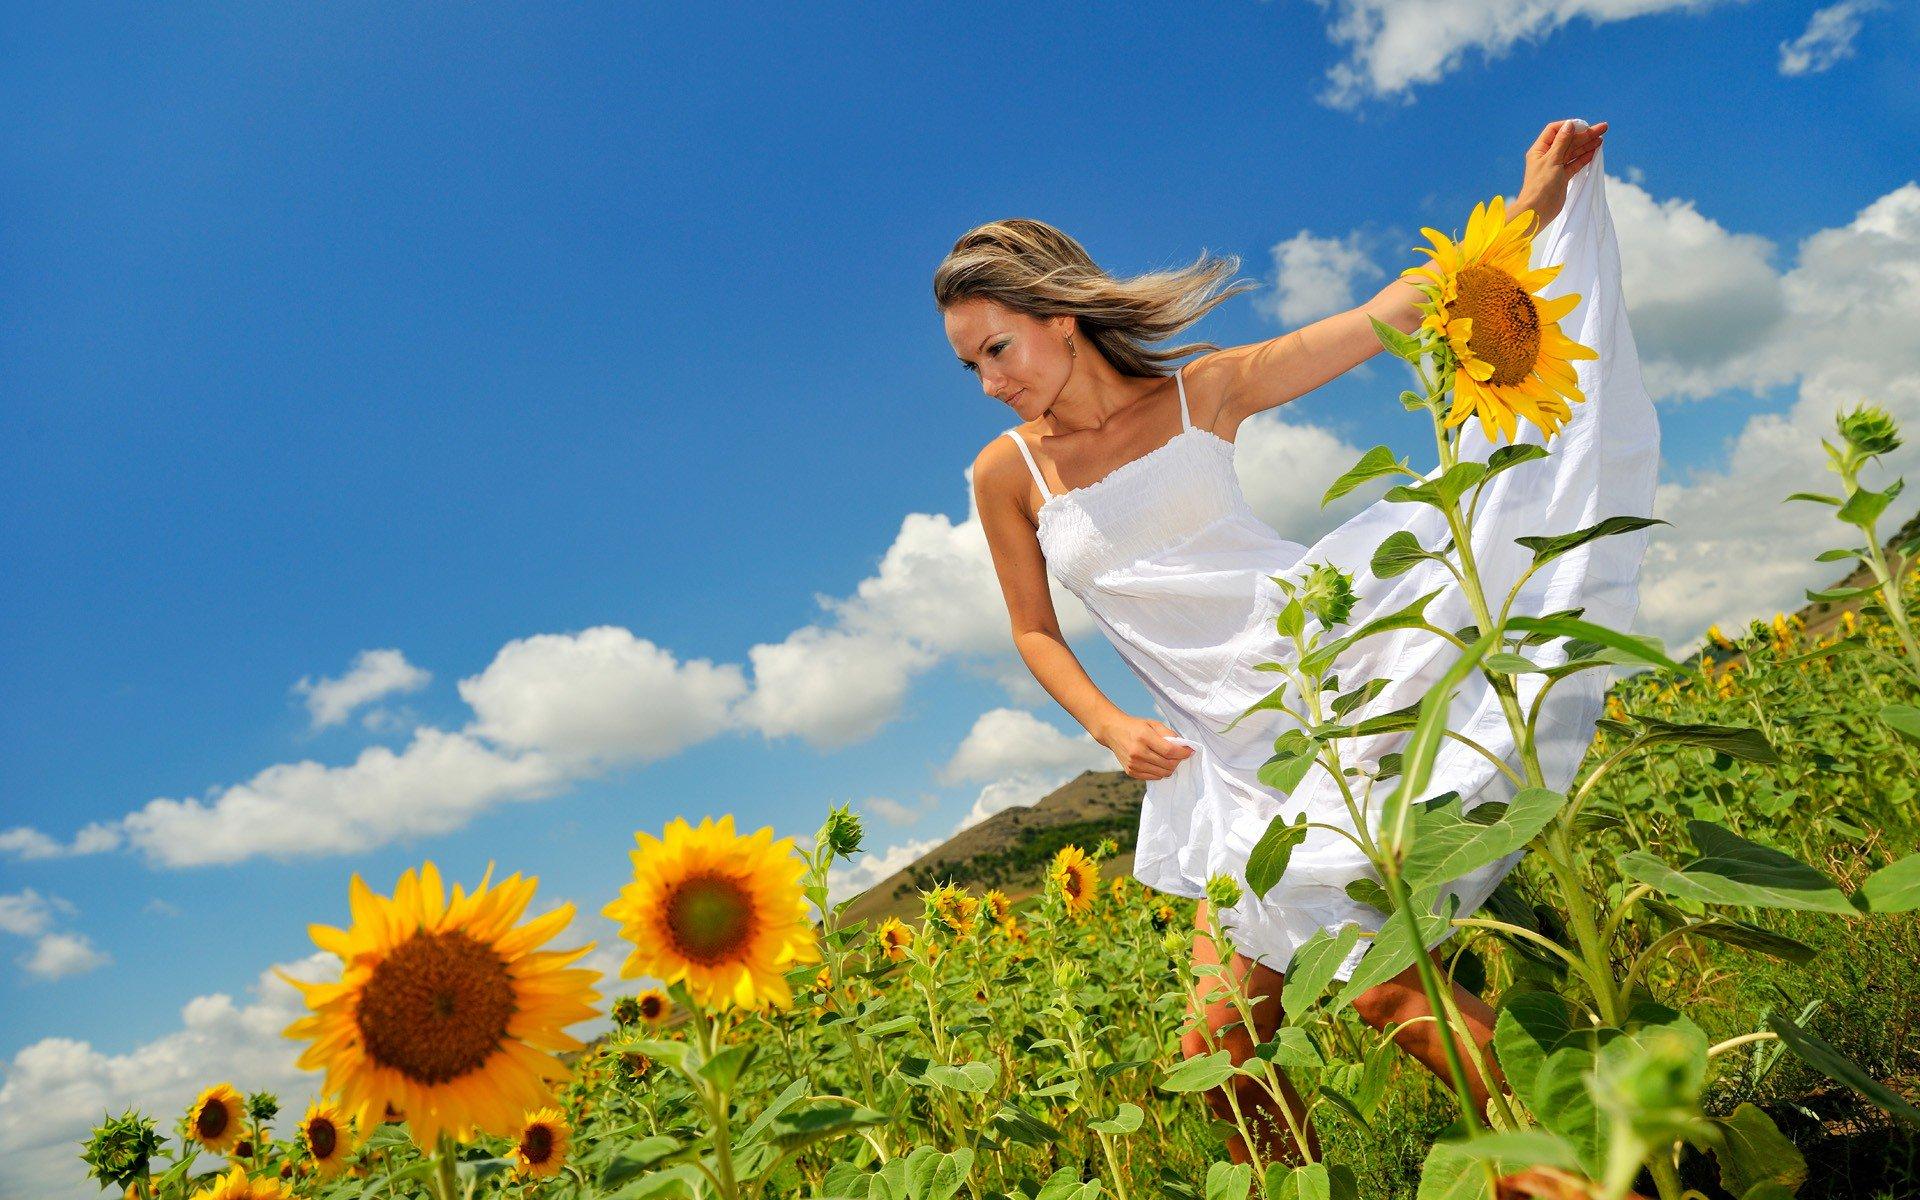 как сделать яркое фото в солнечный день вызывает двоих